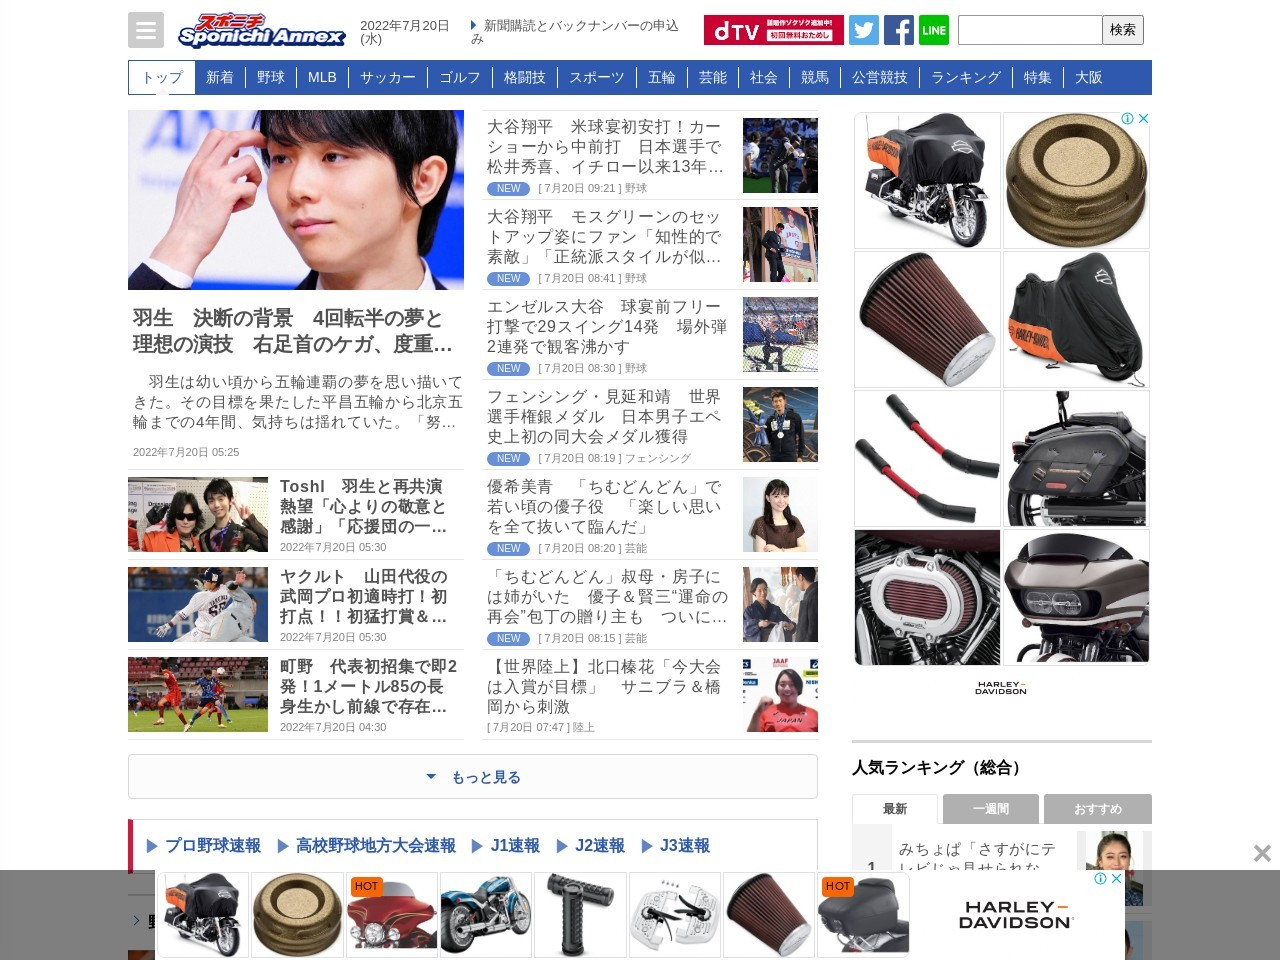 鈴木奈々、嫌いな女性芸能人2位に「悲しい」涙目も…ジュニア「実質1位です」